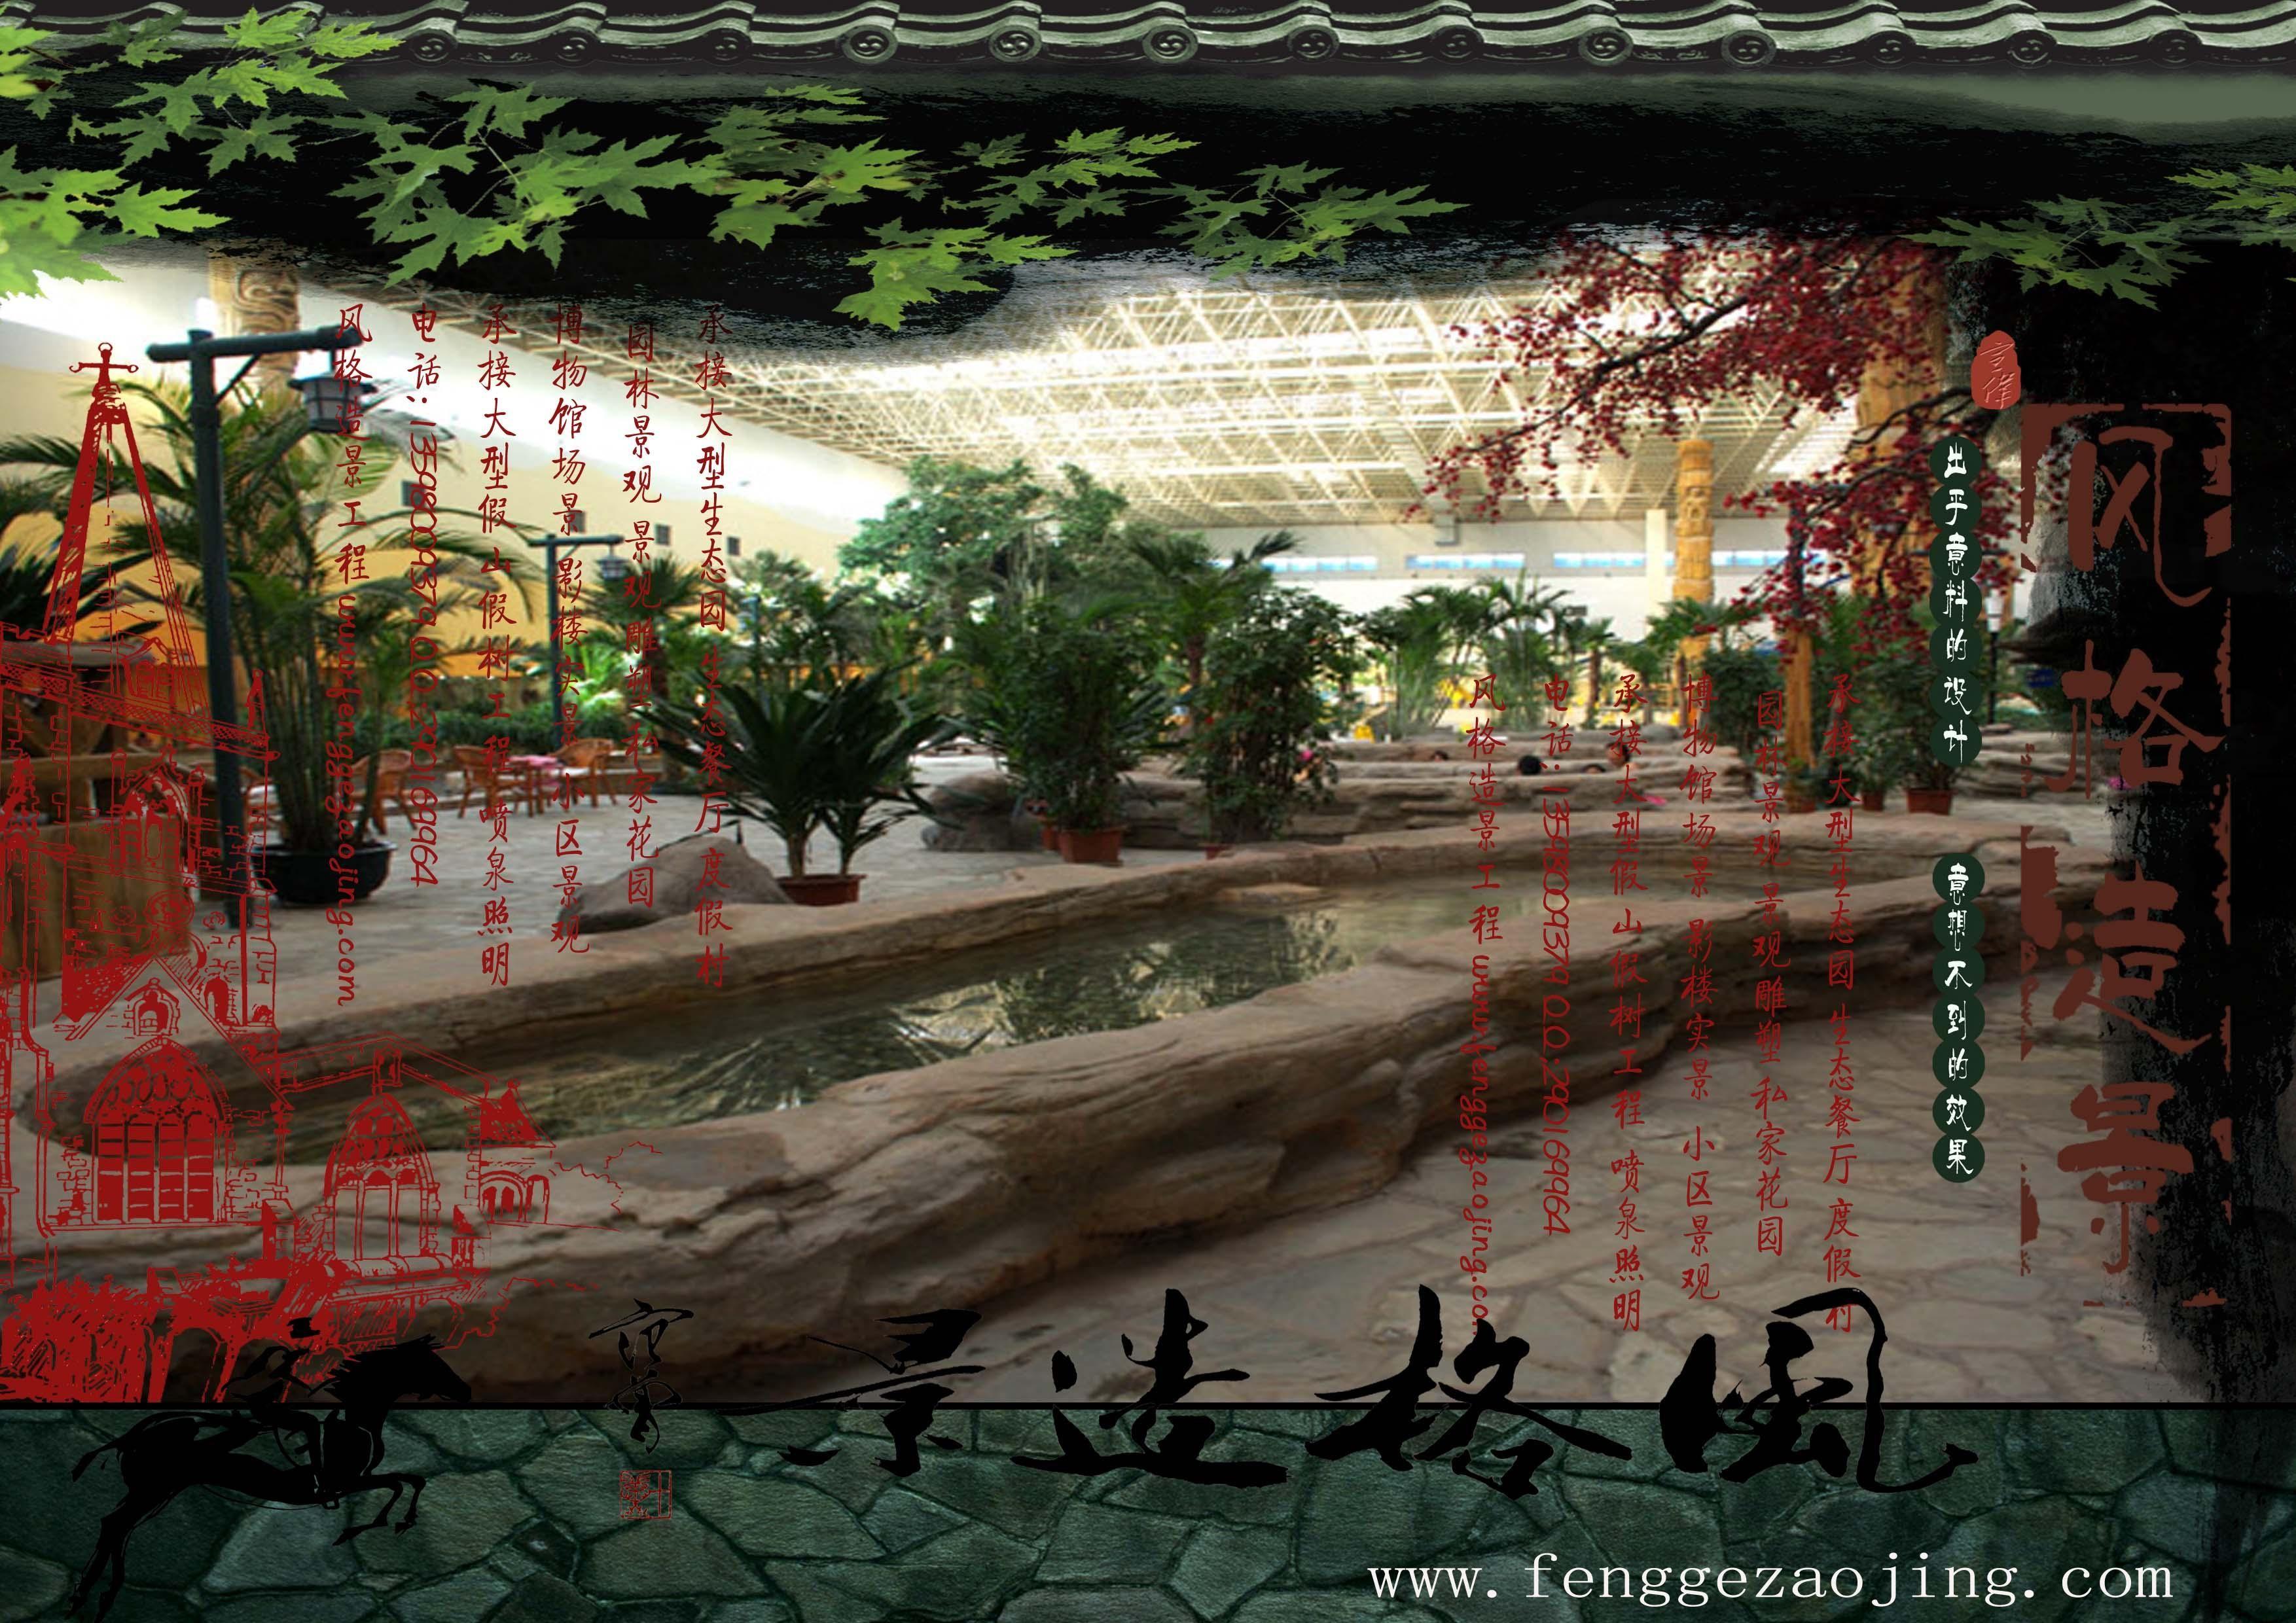 园林景观 度假村 生态园 生态洗浴 假山 假树 仿真榕树 仿真梅花树